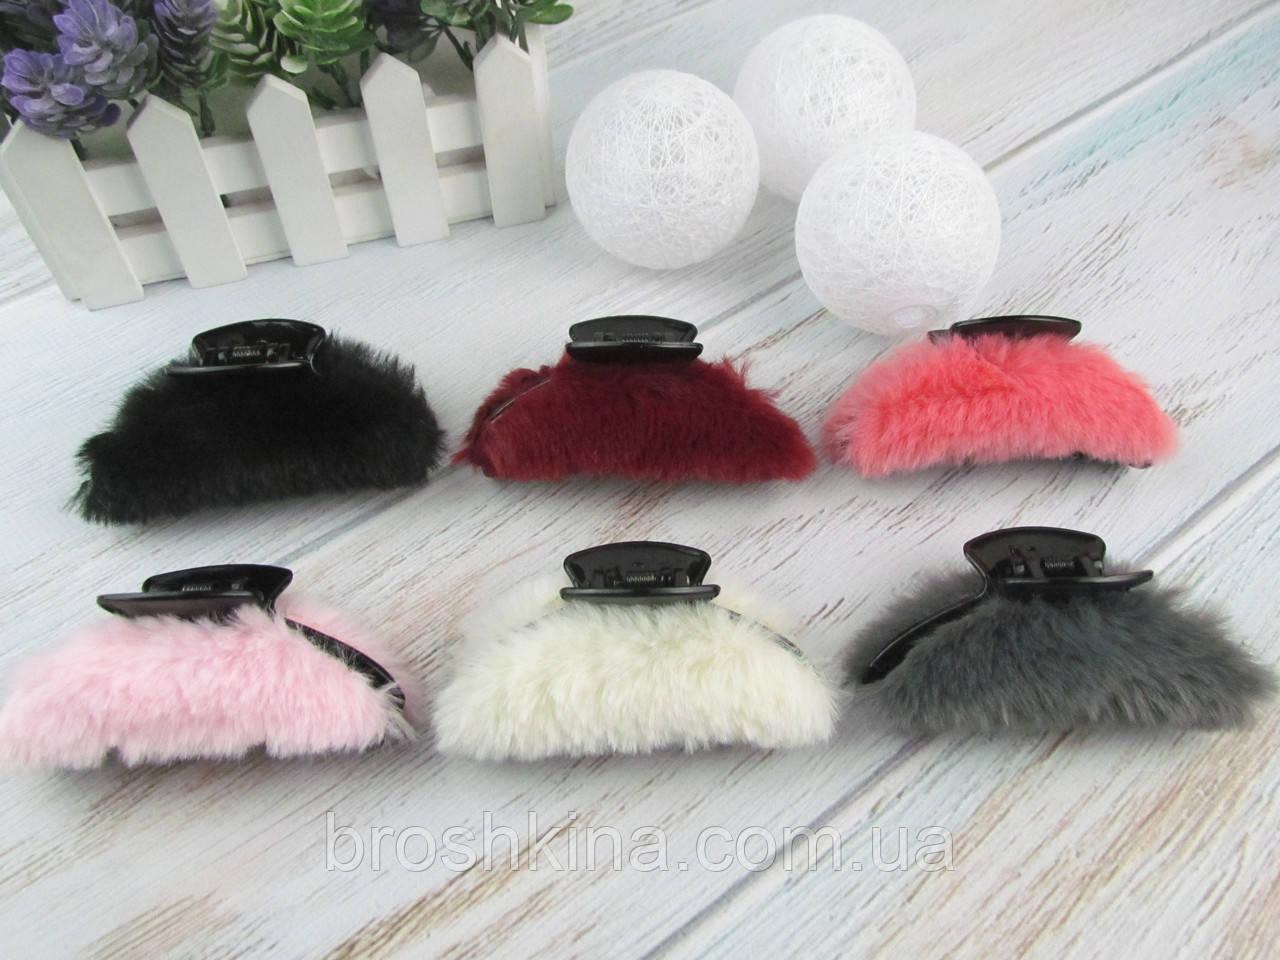 Заколки крабы для волос пластик с мехом 9*4 см цветные 12 шт/уп